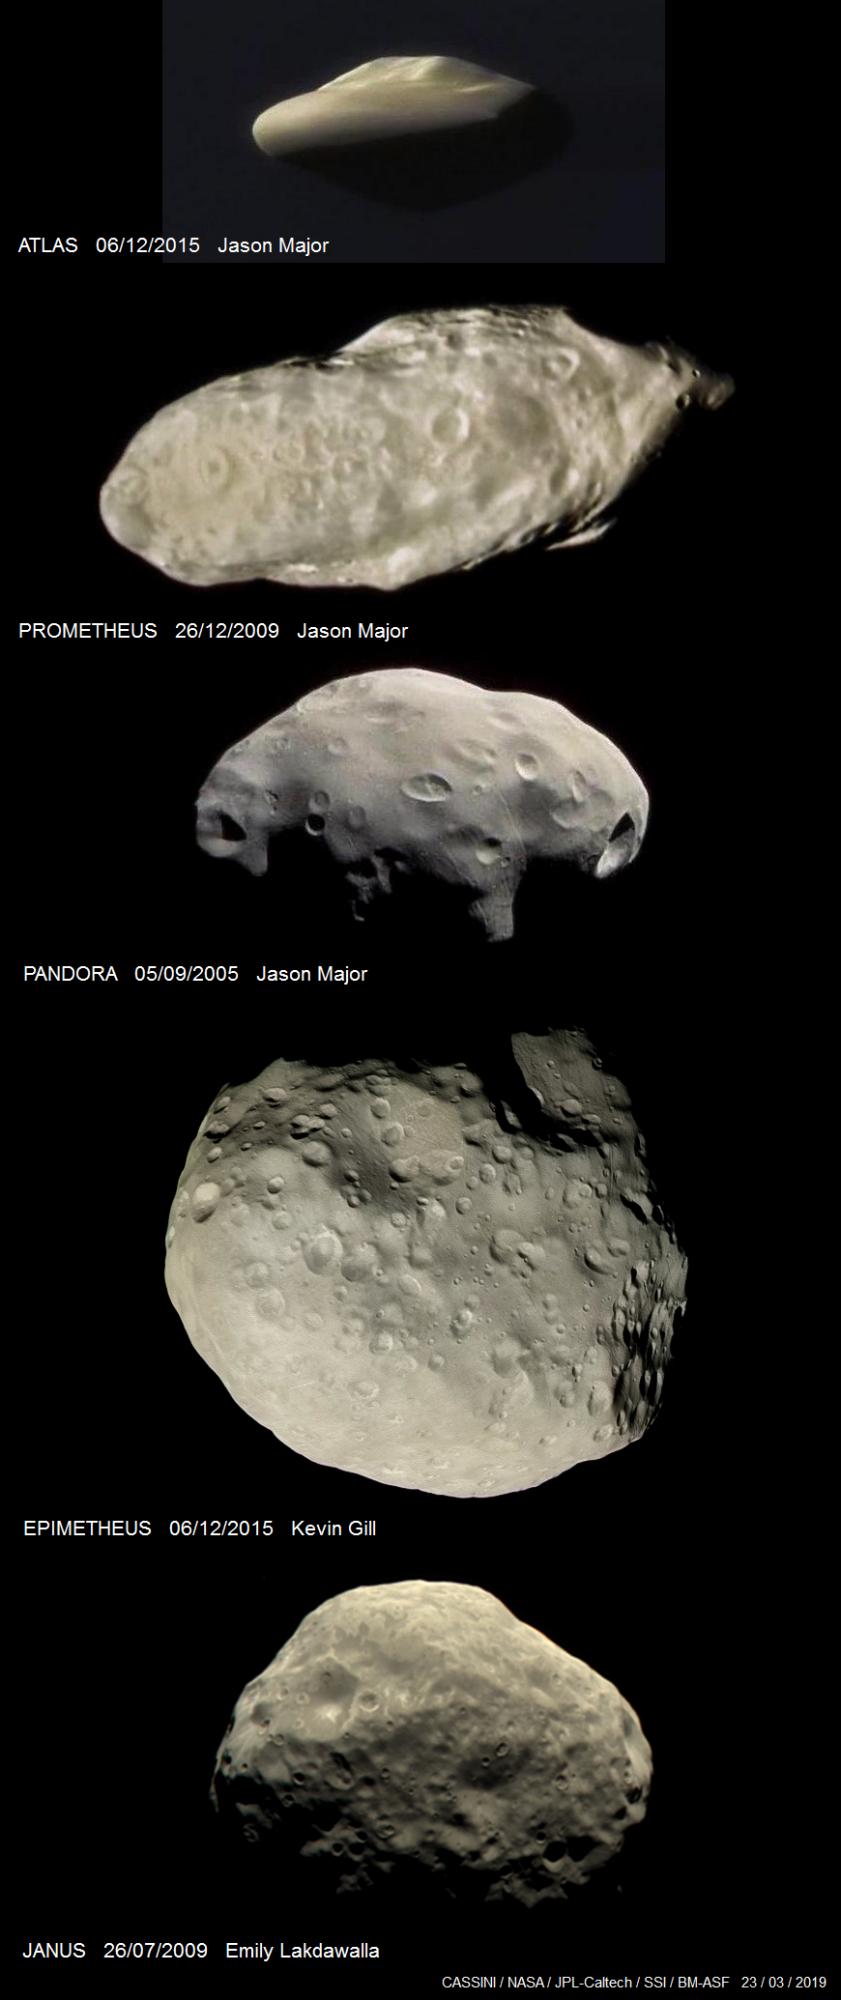 Atlas_Prometheus_Pandora_Epimetheus_Janus_color_p.thumb.png.e8e100c462d99bd803ef82b7158114e6.png